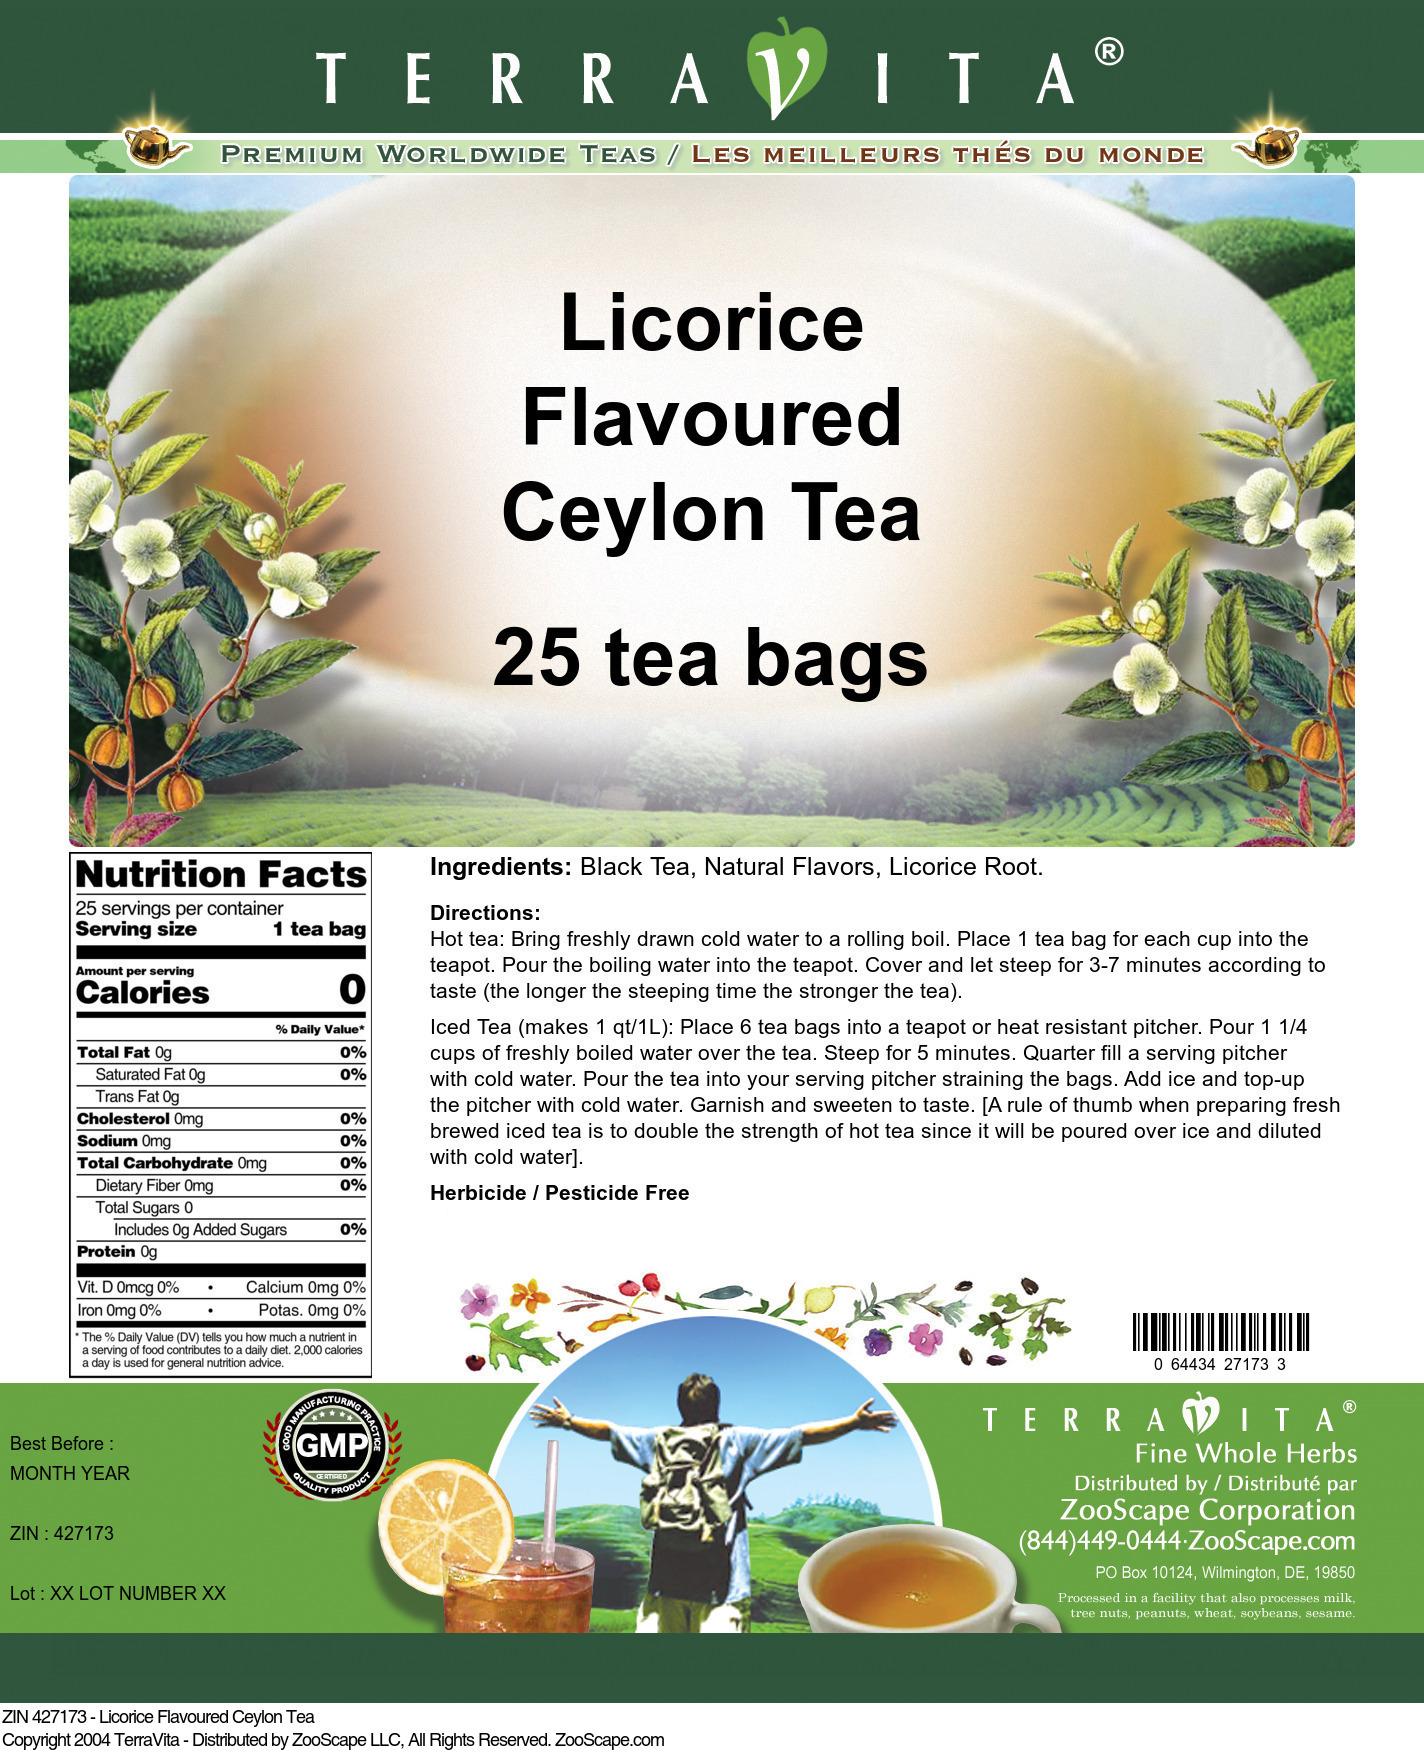 Licorice Ceylon Tea